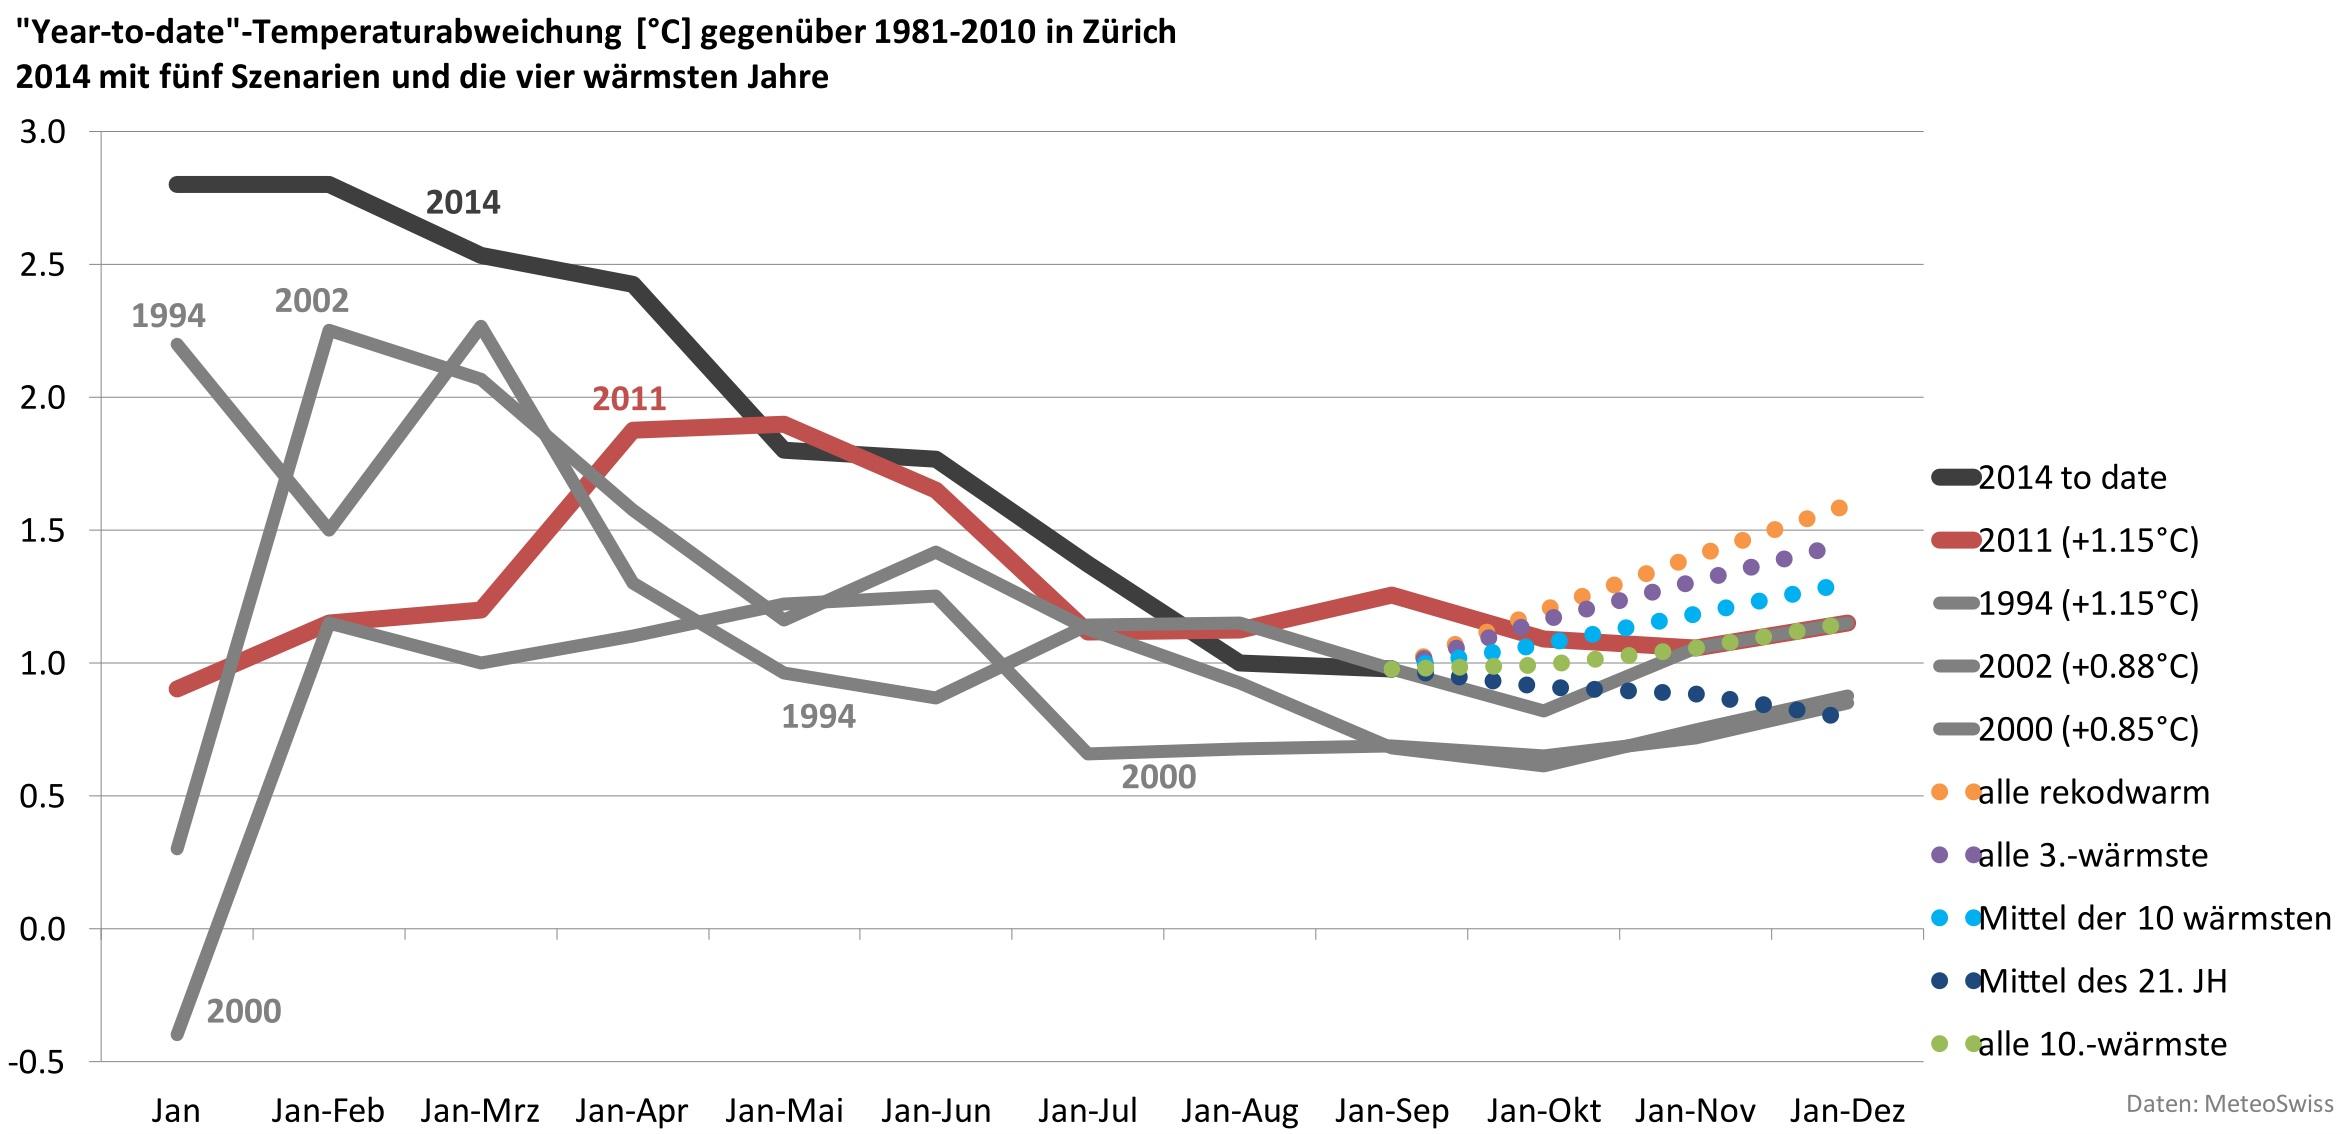 """Fünf Szenarien skizzieren den Weg bis zum Jahresende in Zürich. Zum Vergleich sind die vier wärmsten Jahre abgebildet, jeweils mit dem Ansatz """"year-to-date"""": der Januar-Wert entspricht dem Januar-Wert, der Februar-Wert entspricht dem Mittelwert von Januar bis Februar und so weiter."""